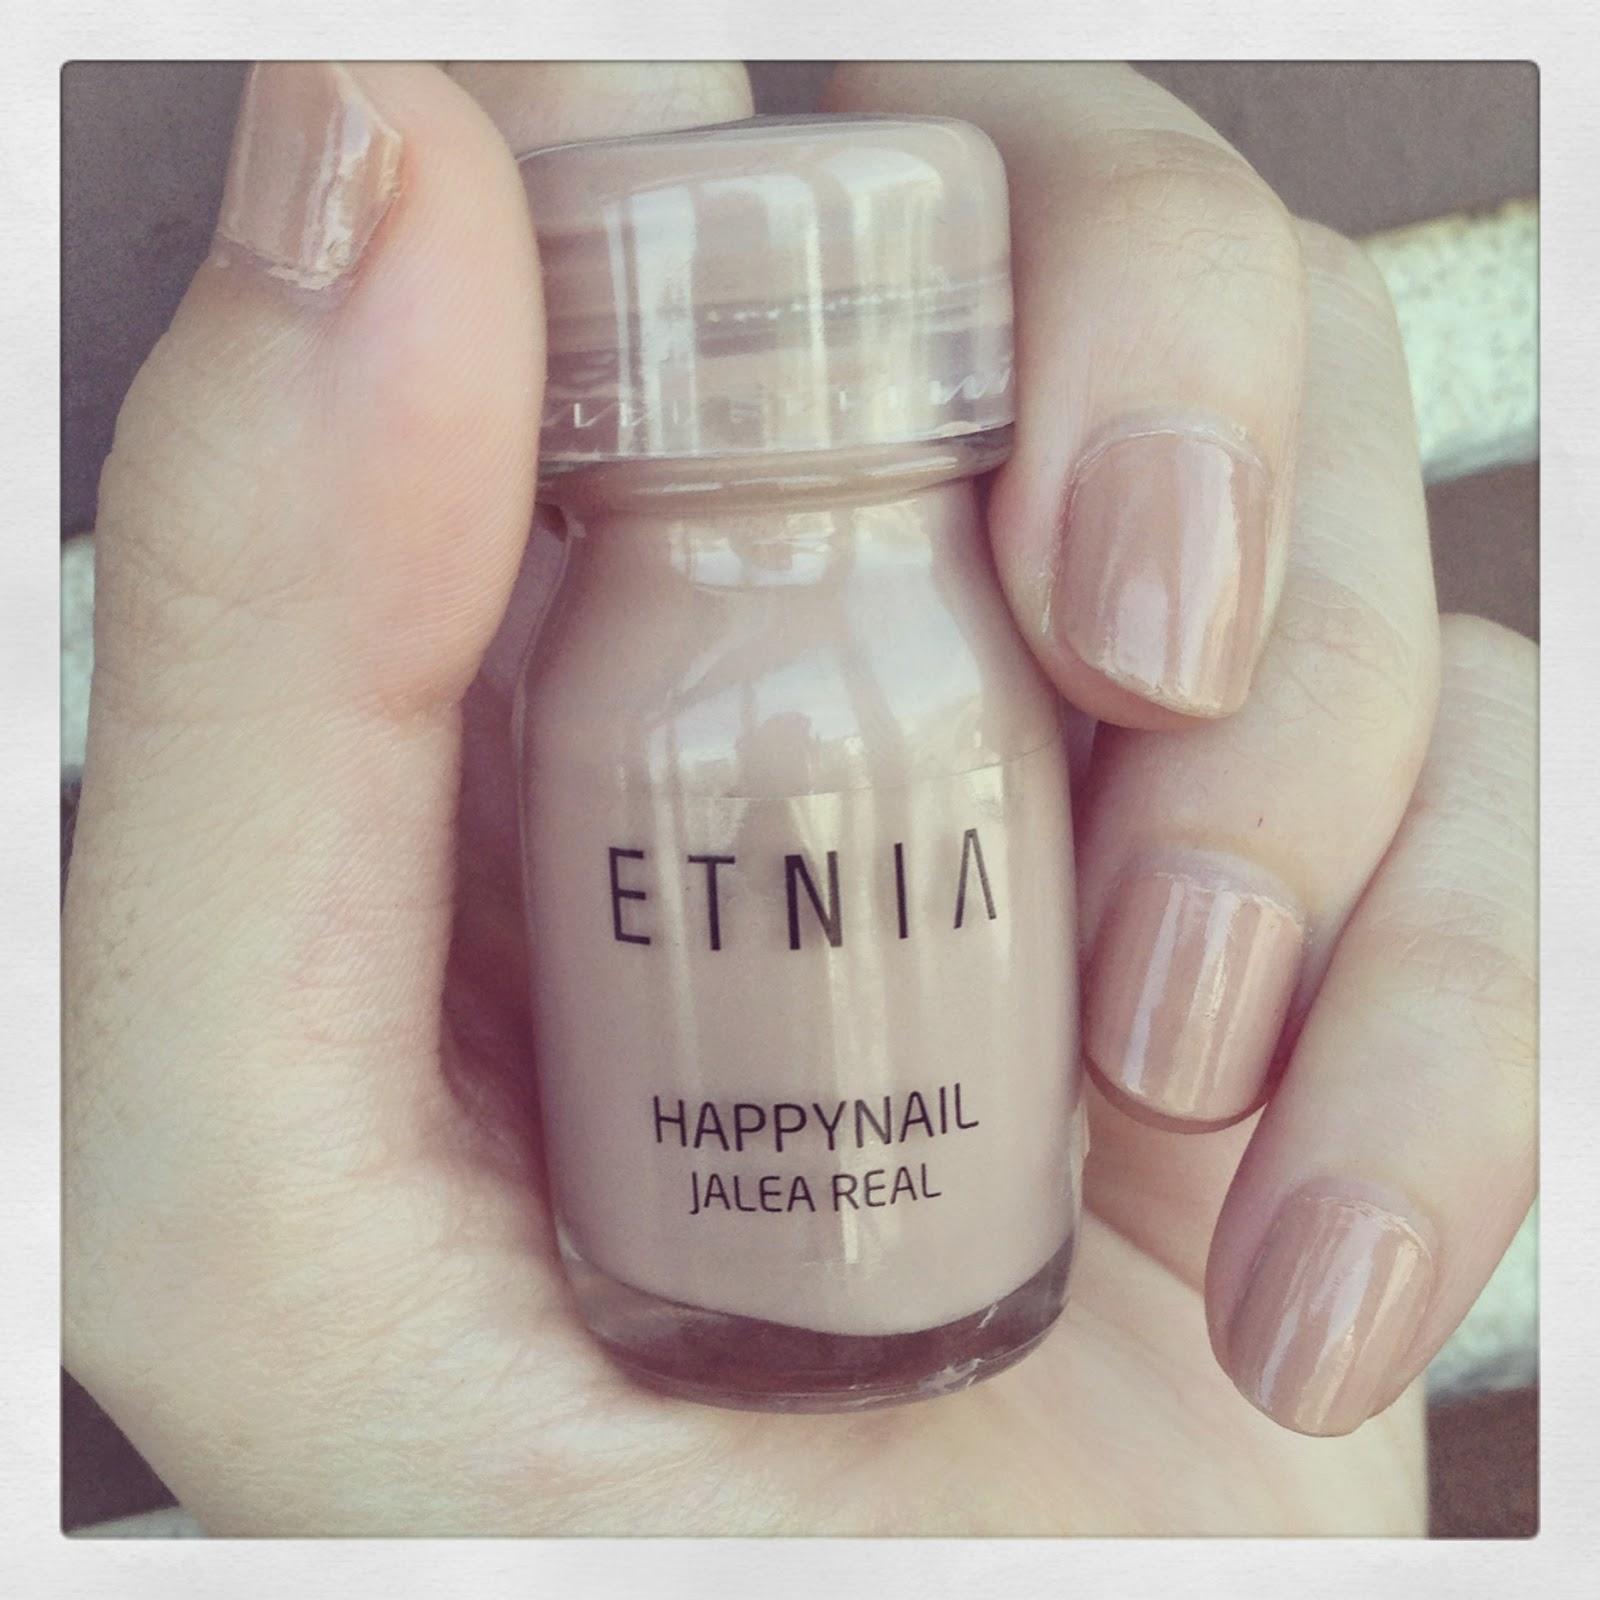 Happynail de Etnia, esmaltes de uñas con fragancias.